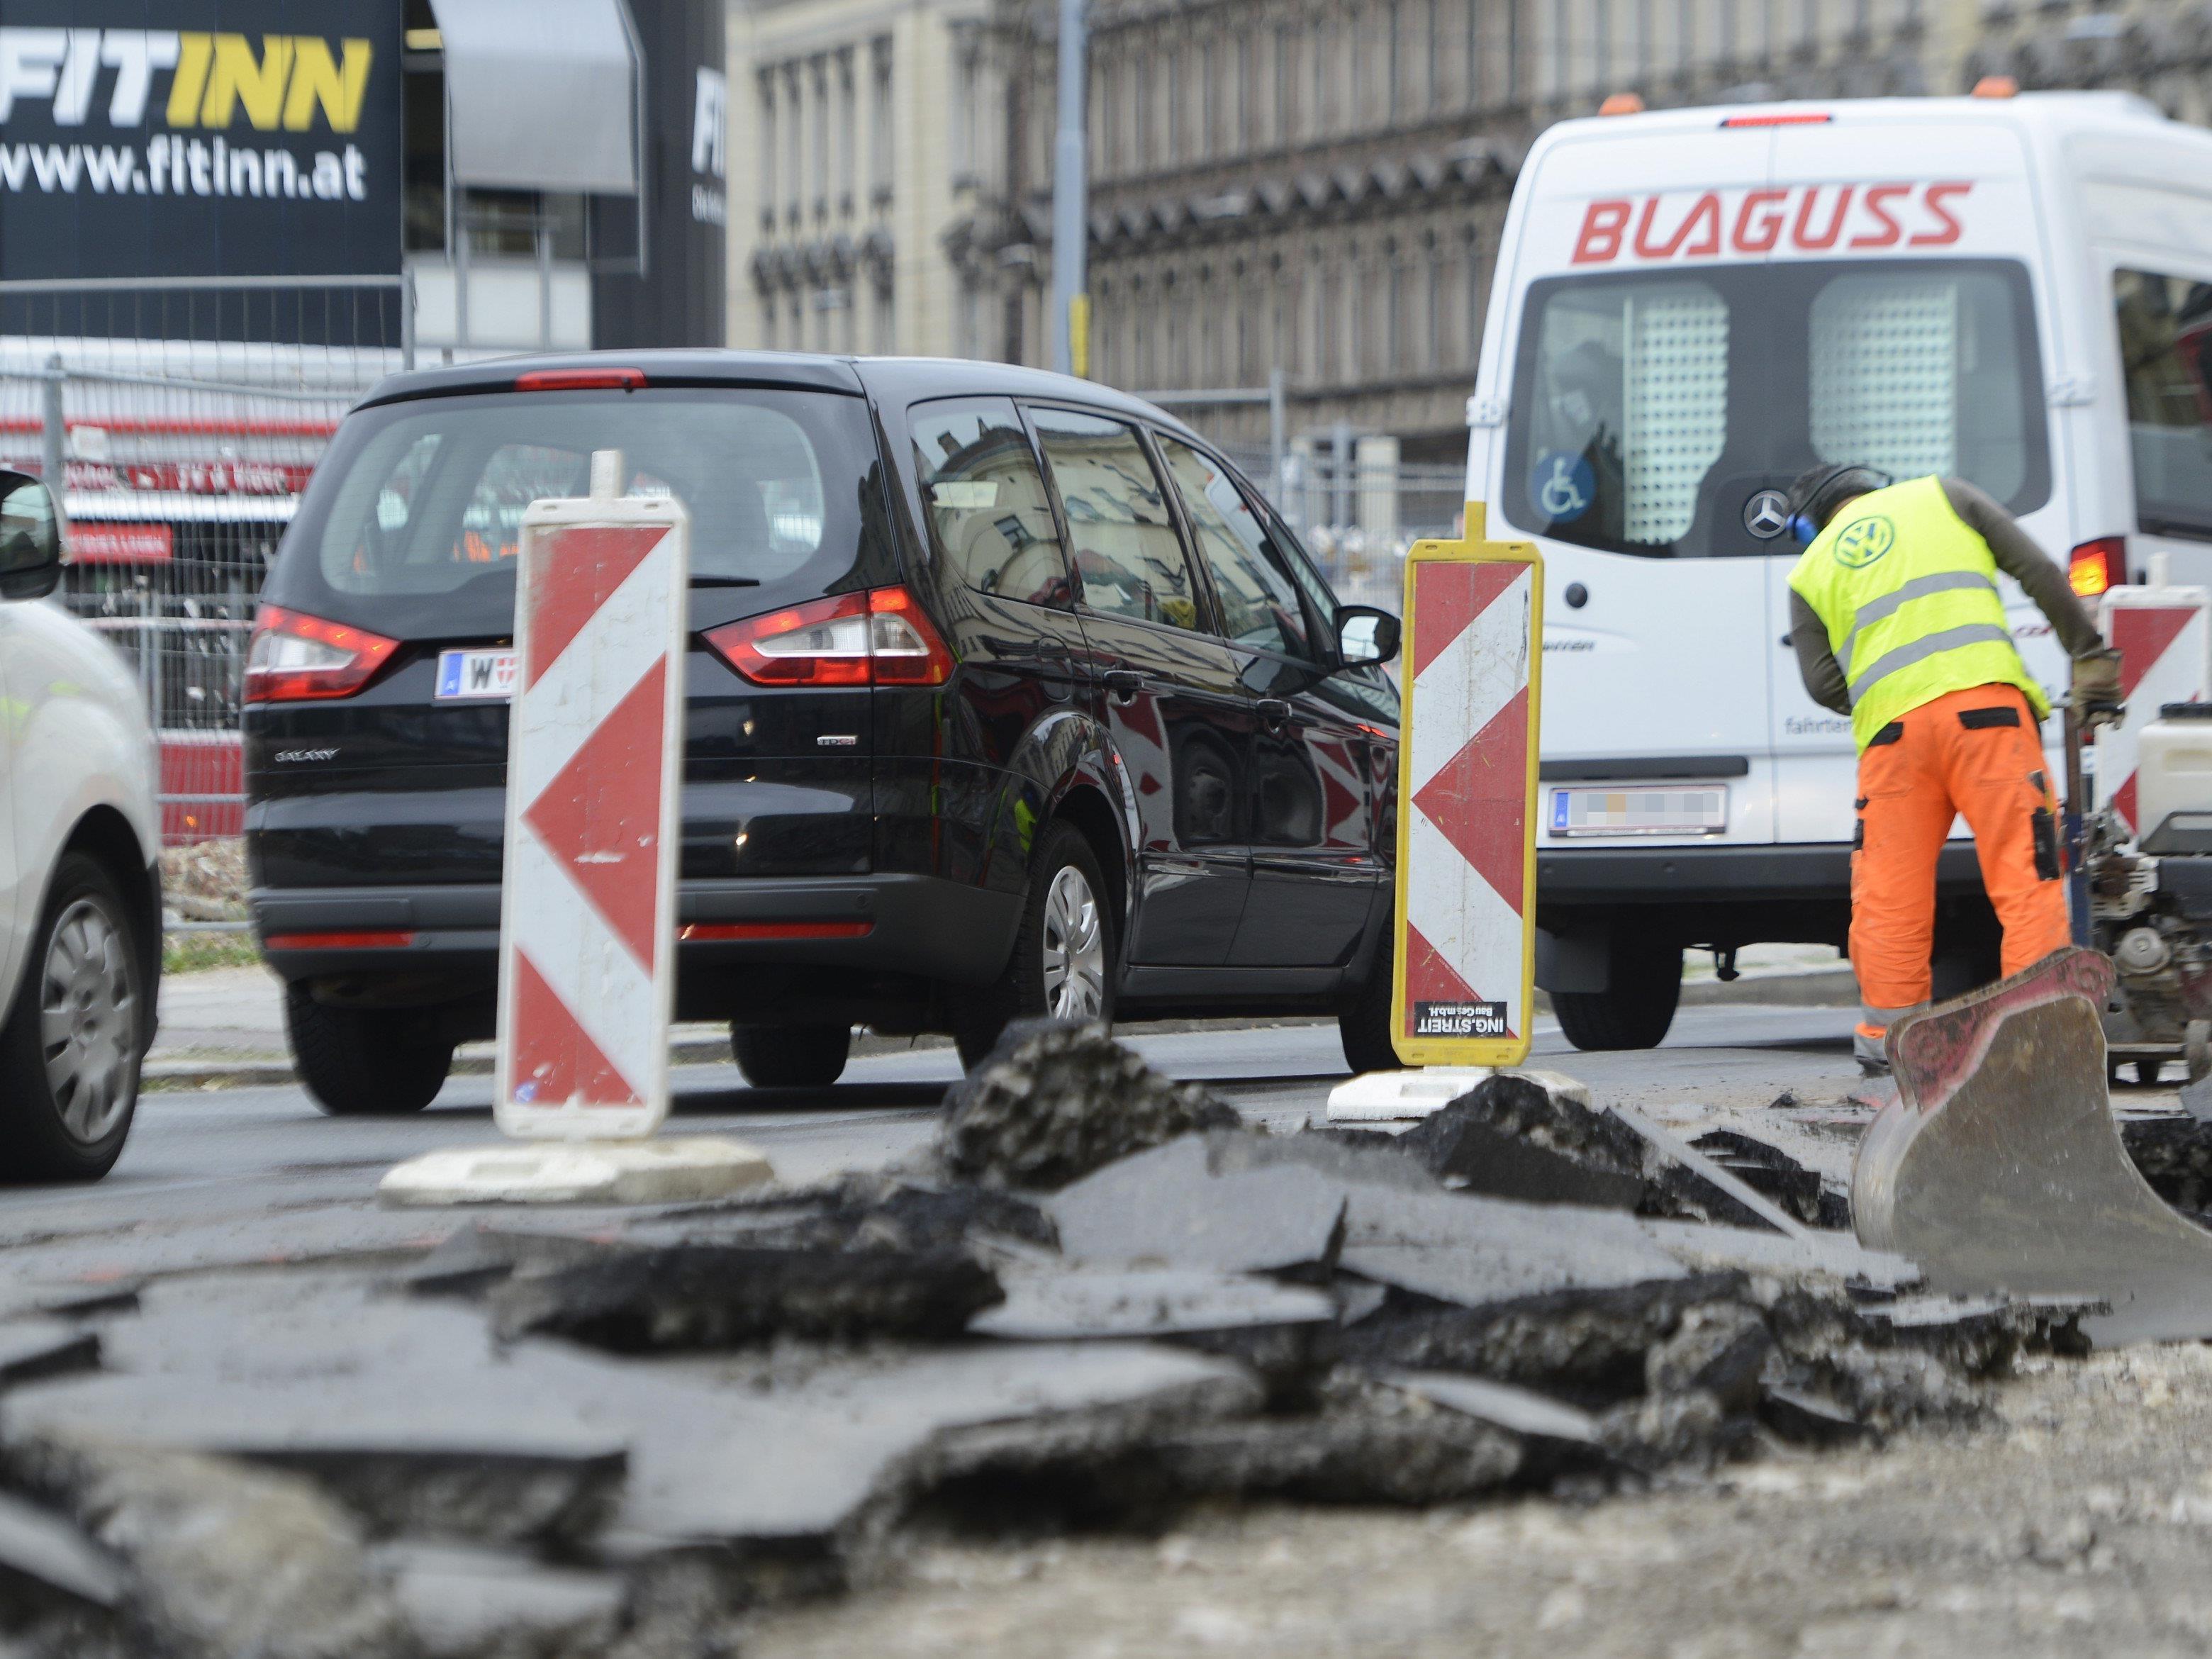 Ab kommender Woche eröffnen neue Baustellen in drei Wiener Bezirken